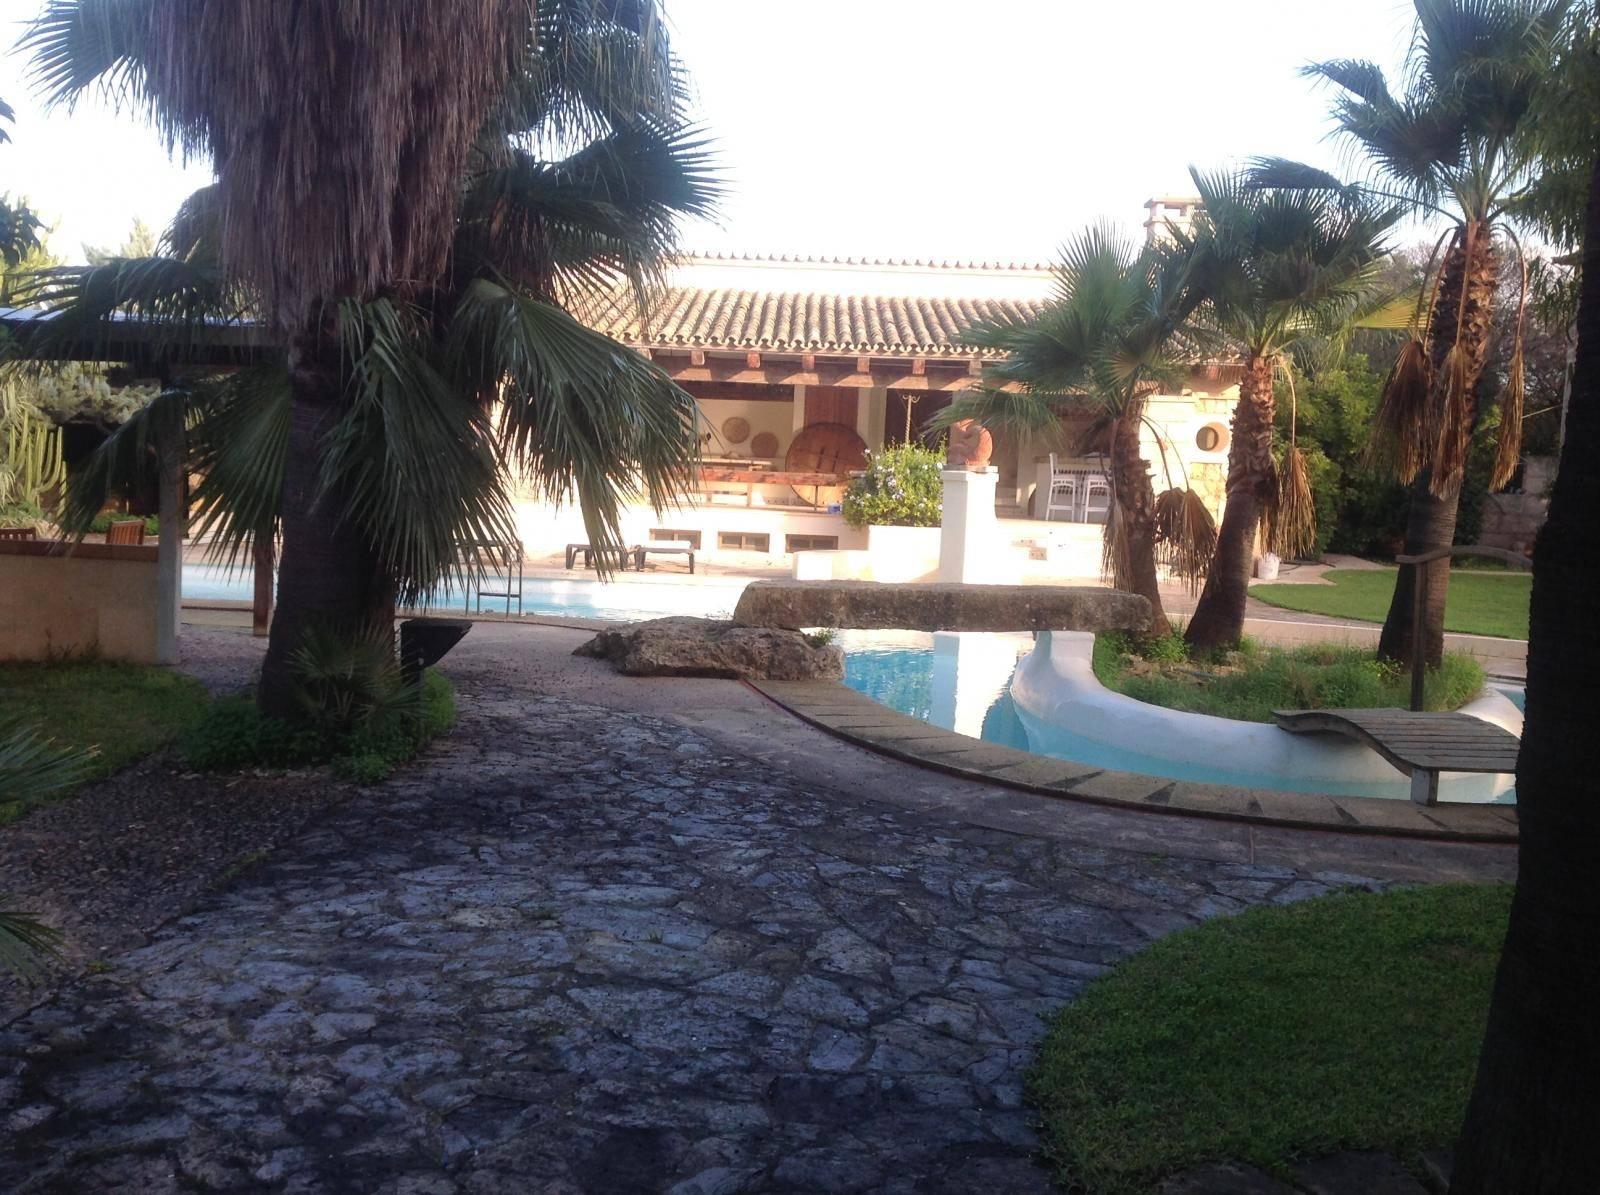 Villa Rùstica con piscina y caballeriza